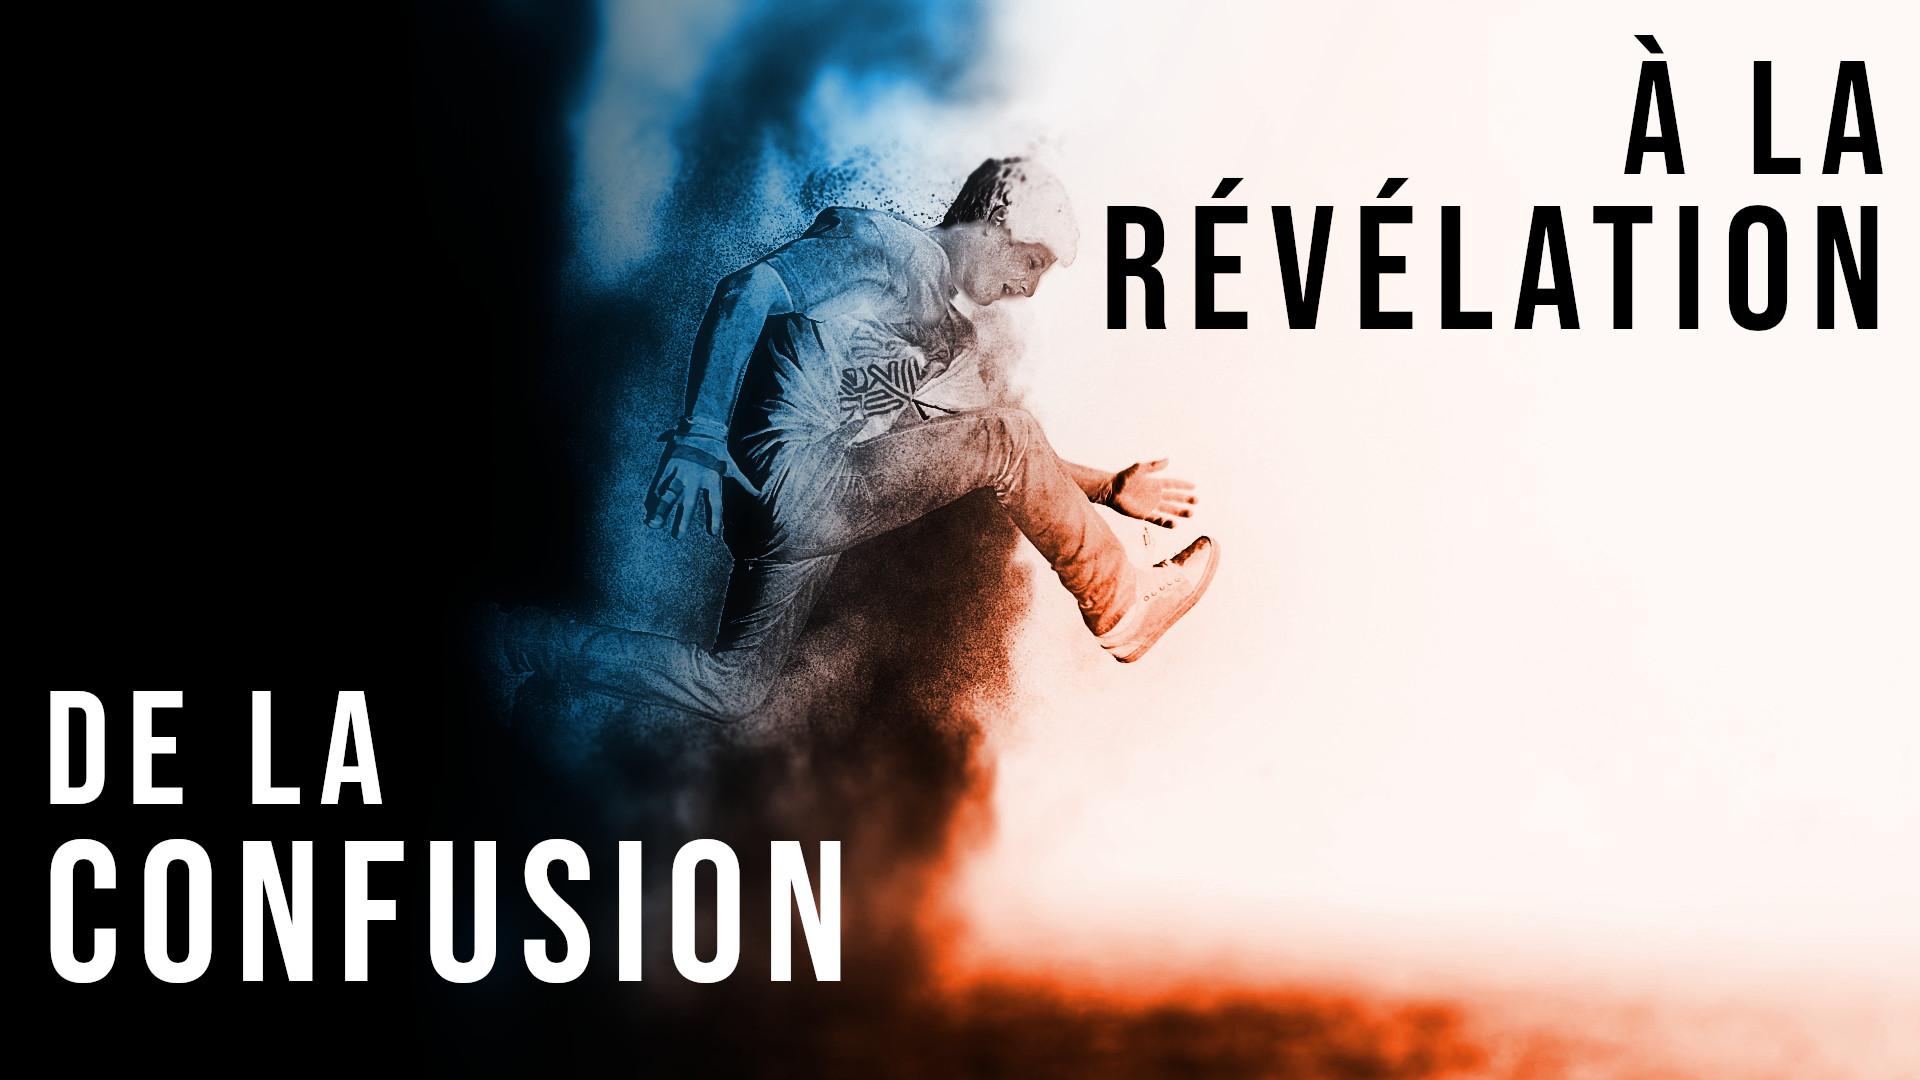 De la confusion à la révélation